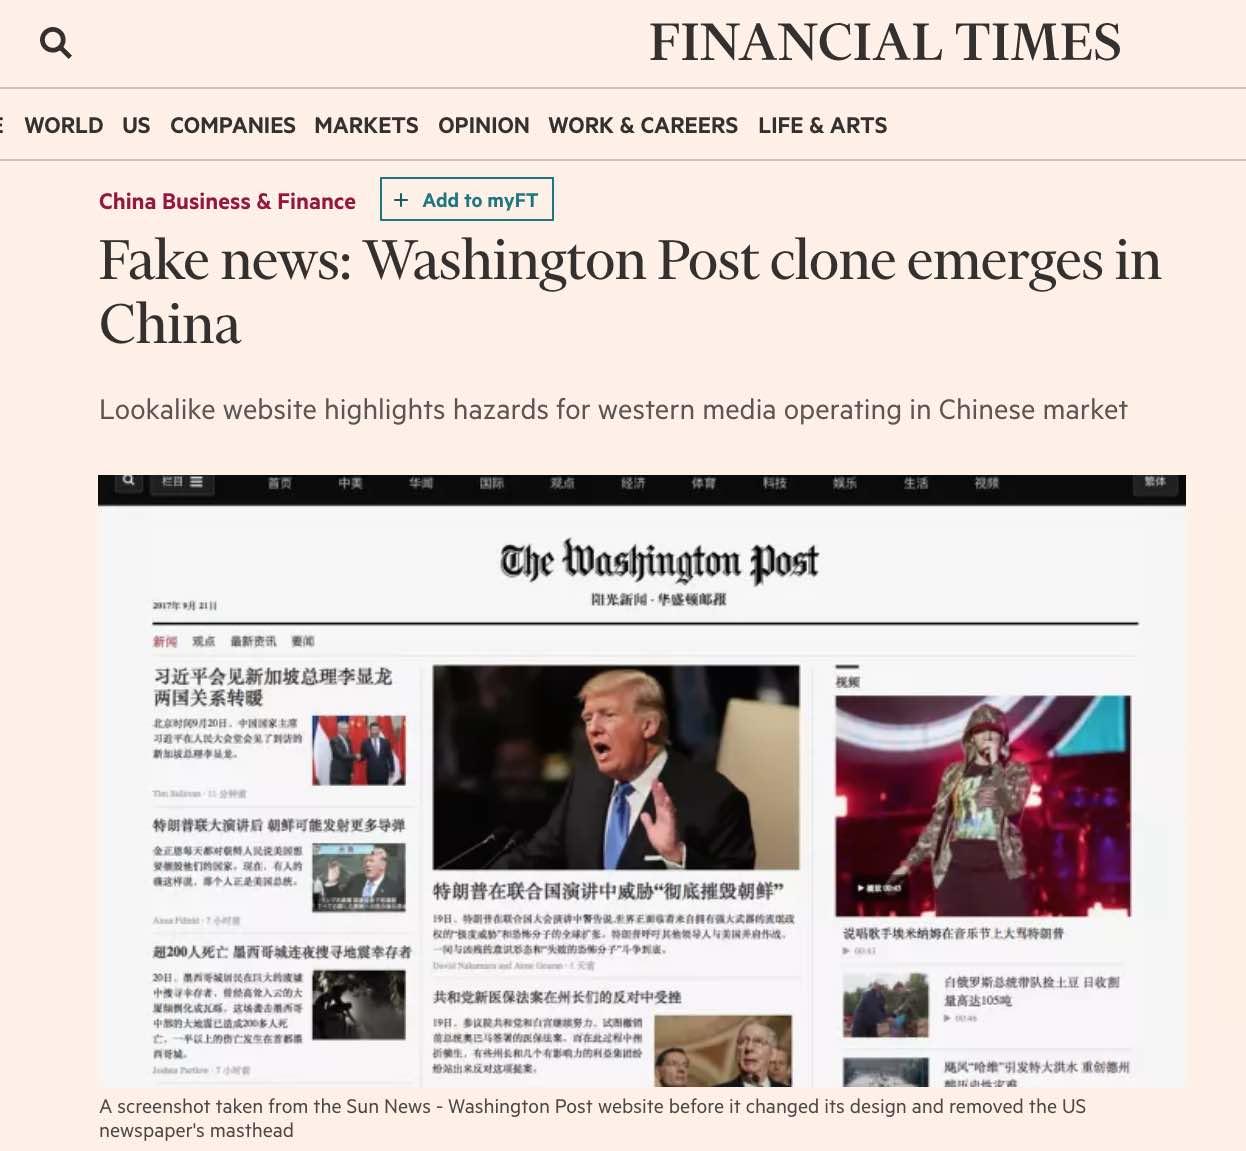 金融时报:杨澜的阳光新闻运营了个山寨华盛顿邮报中文网